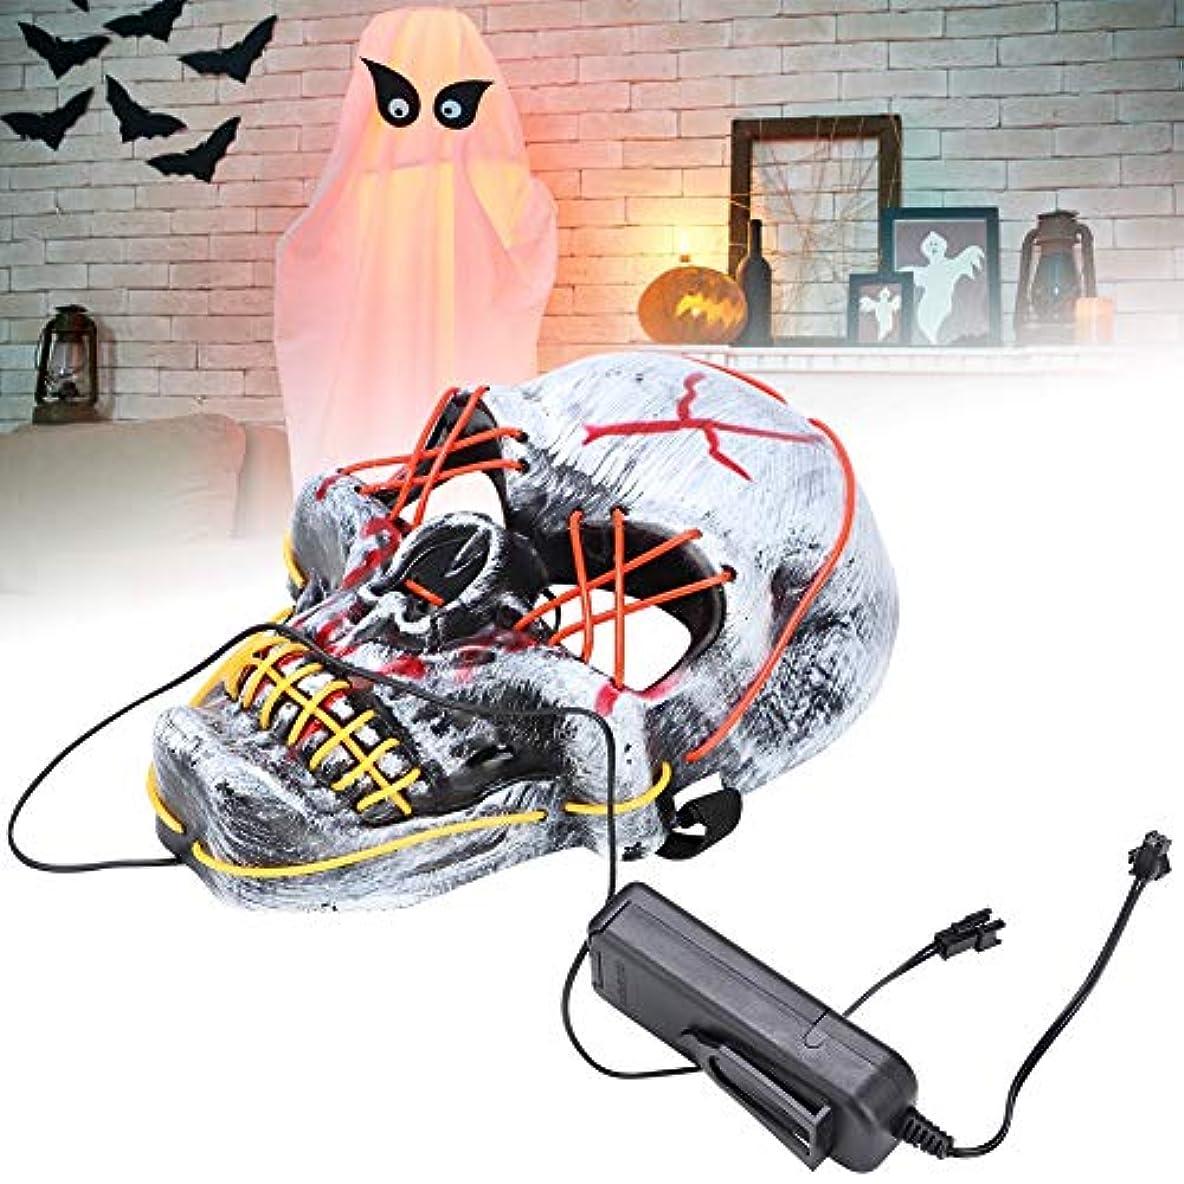 電球ブルゴーニュ負担ハロウィーンLEDマスク、フェスティバルコスプレハロウィンコスチュームのライトアップマスクライトアップステッチLEDマスクコスチュームハロウィンクラブパーティークリスマス